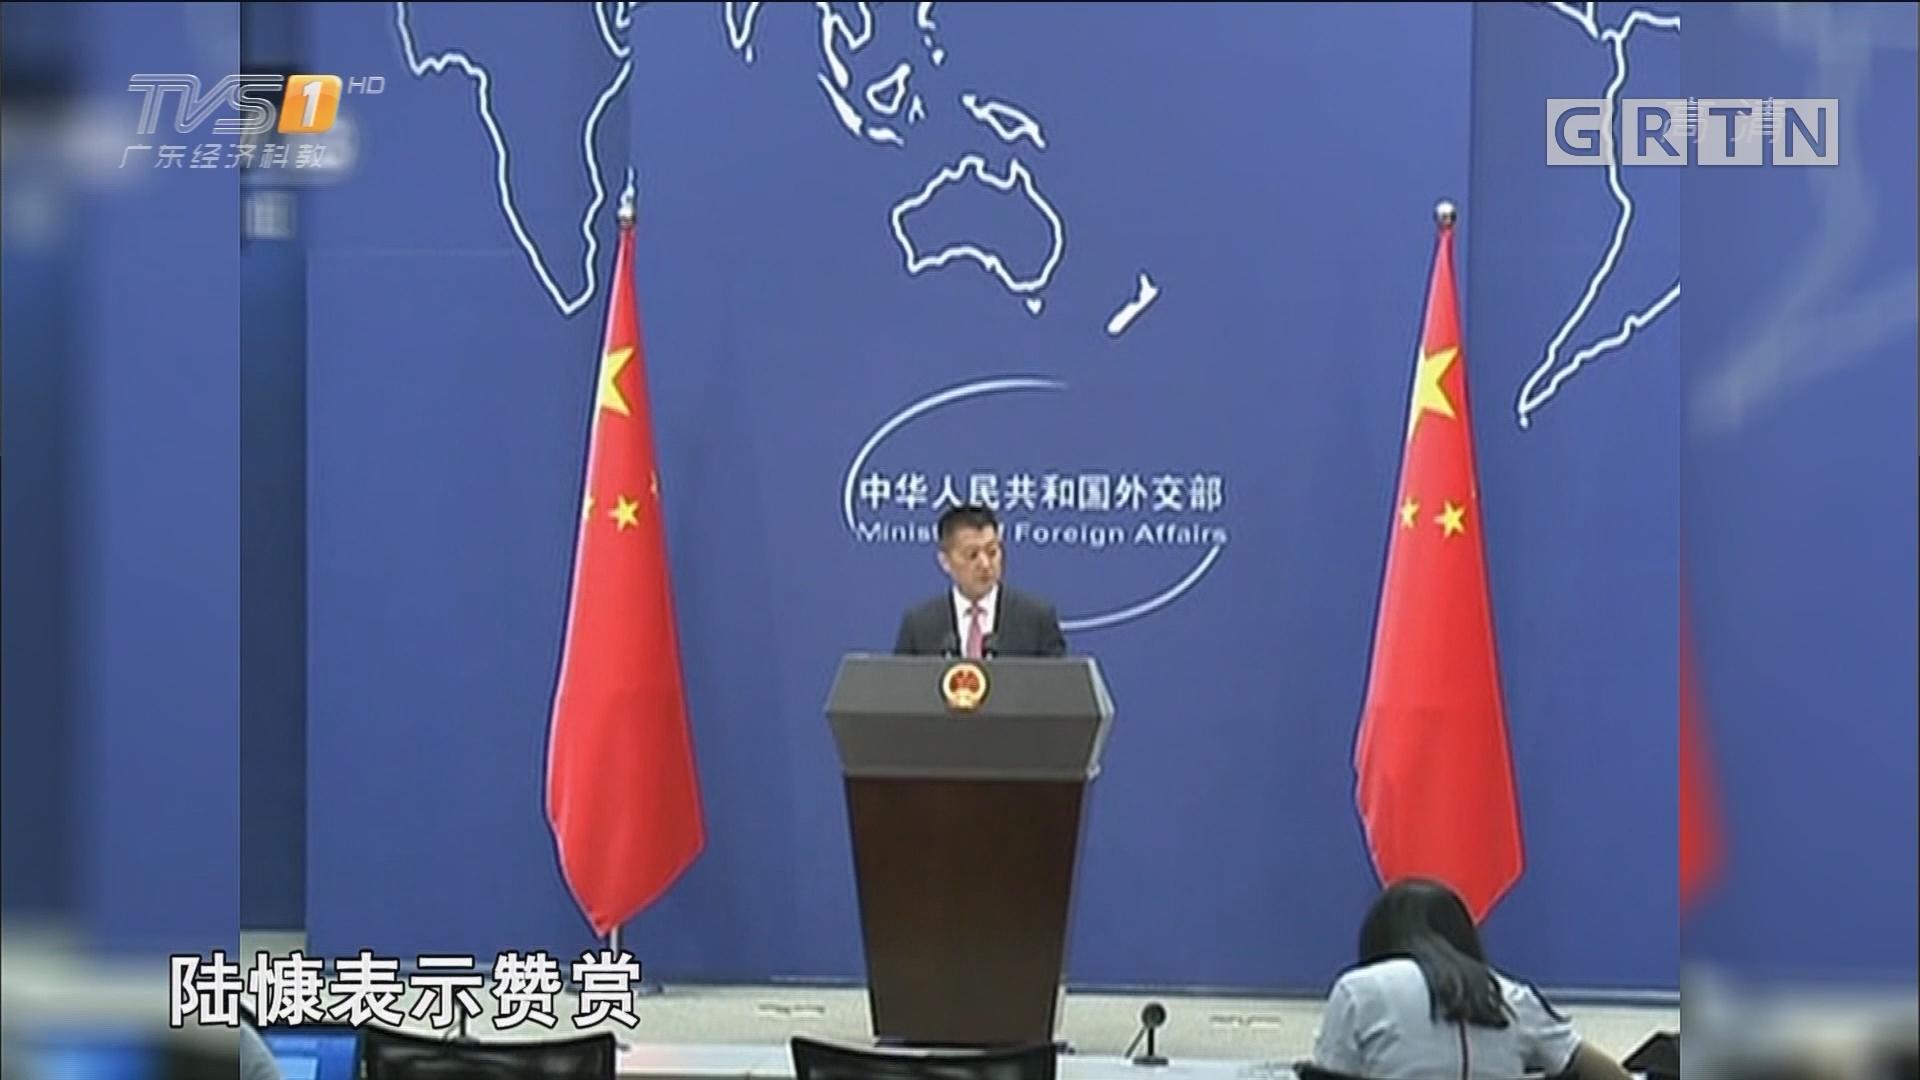 中国外交部:望中美新的经贸磋商取得成果